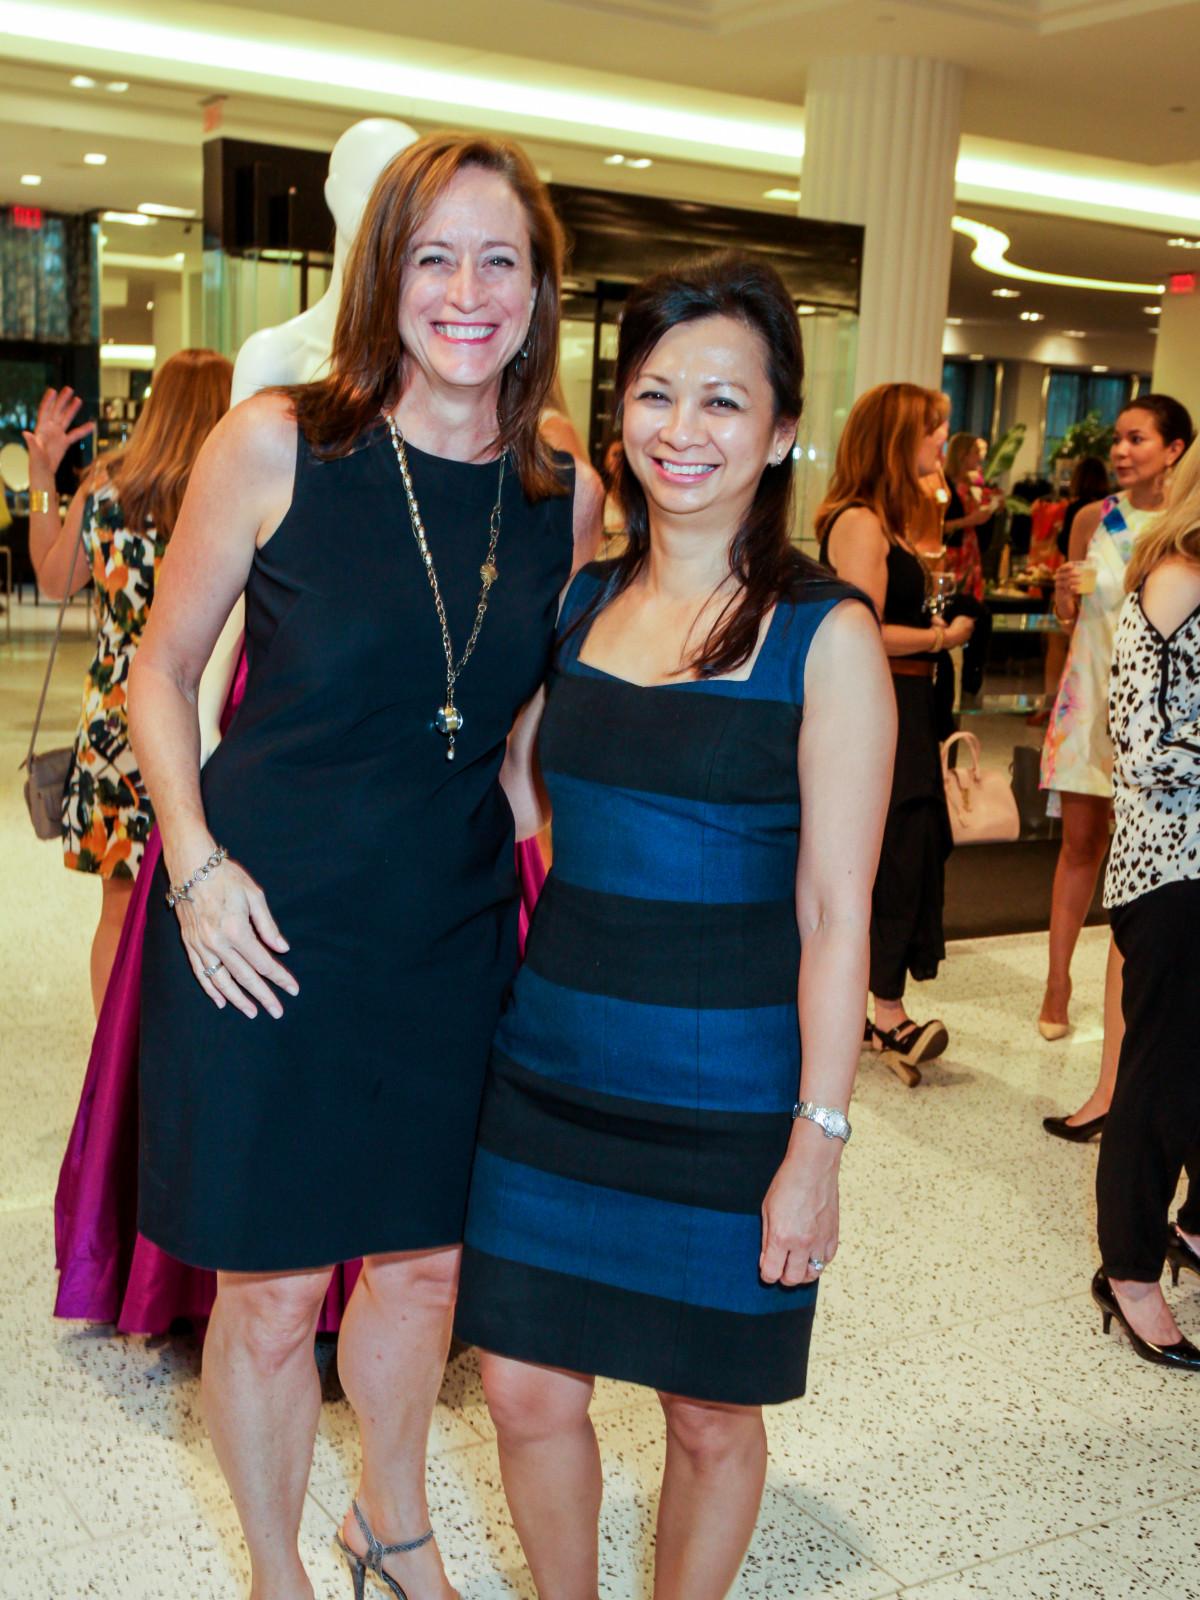 Houston, Ellevate event at Tootsies, August 2015, Ann-Michele Bowlin, Trinh Abrell